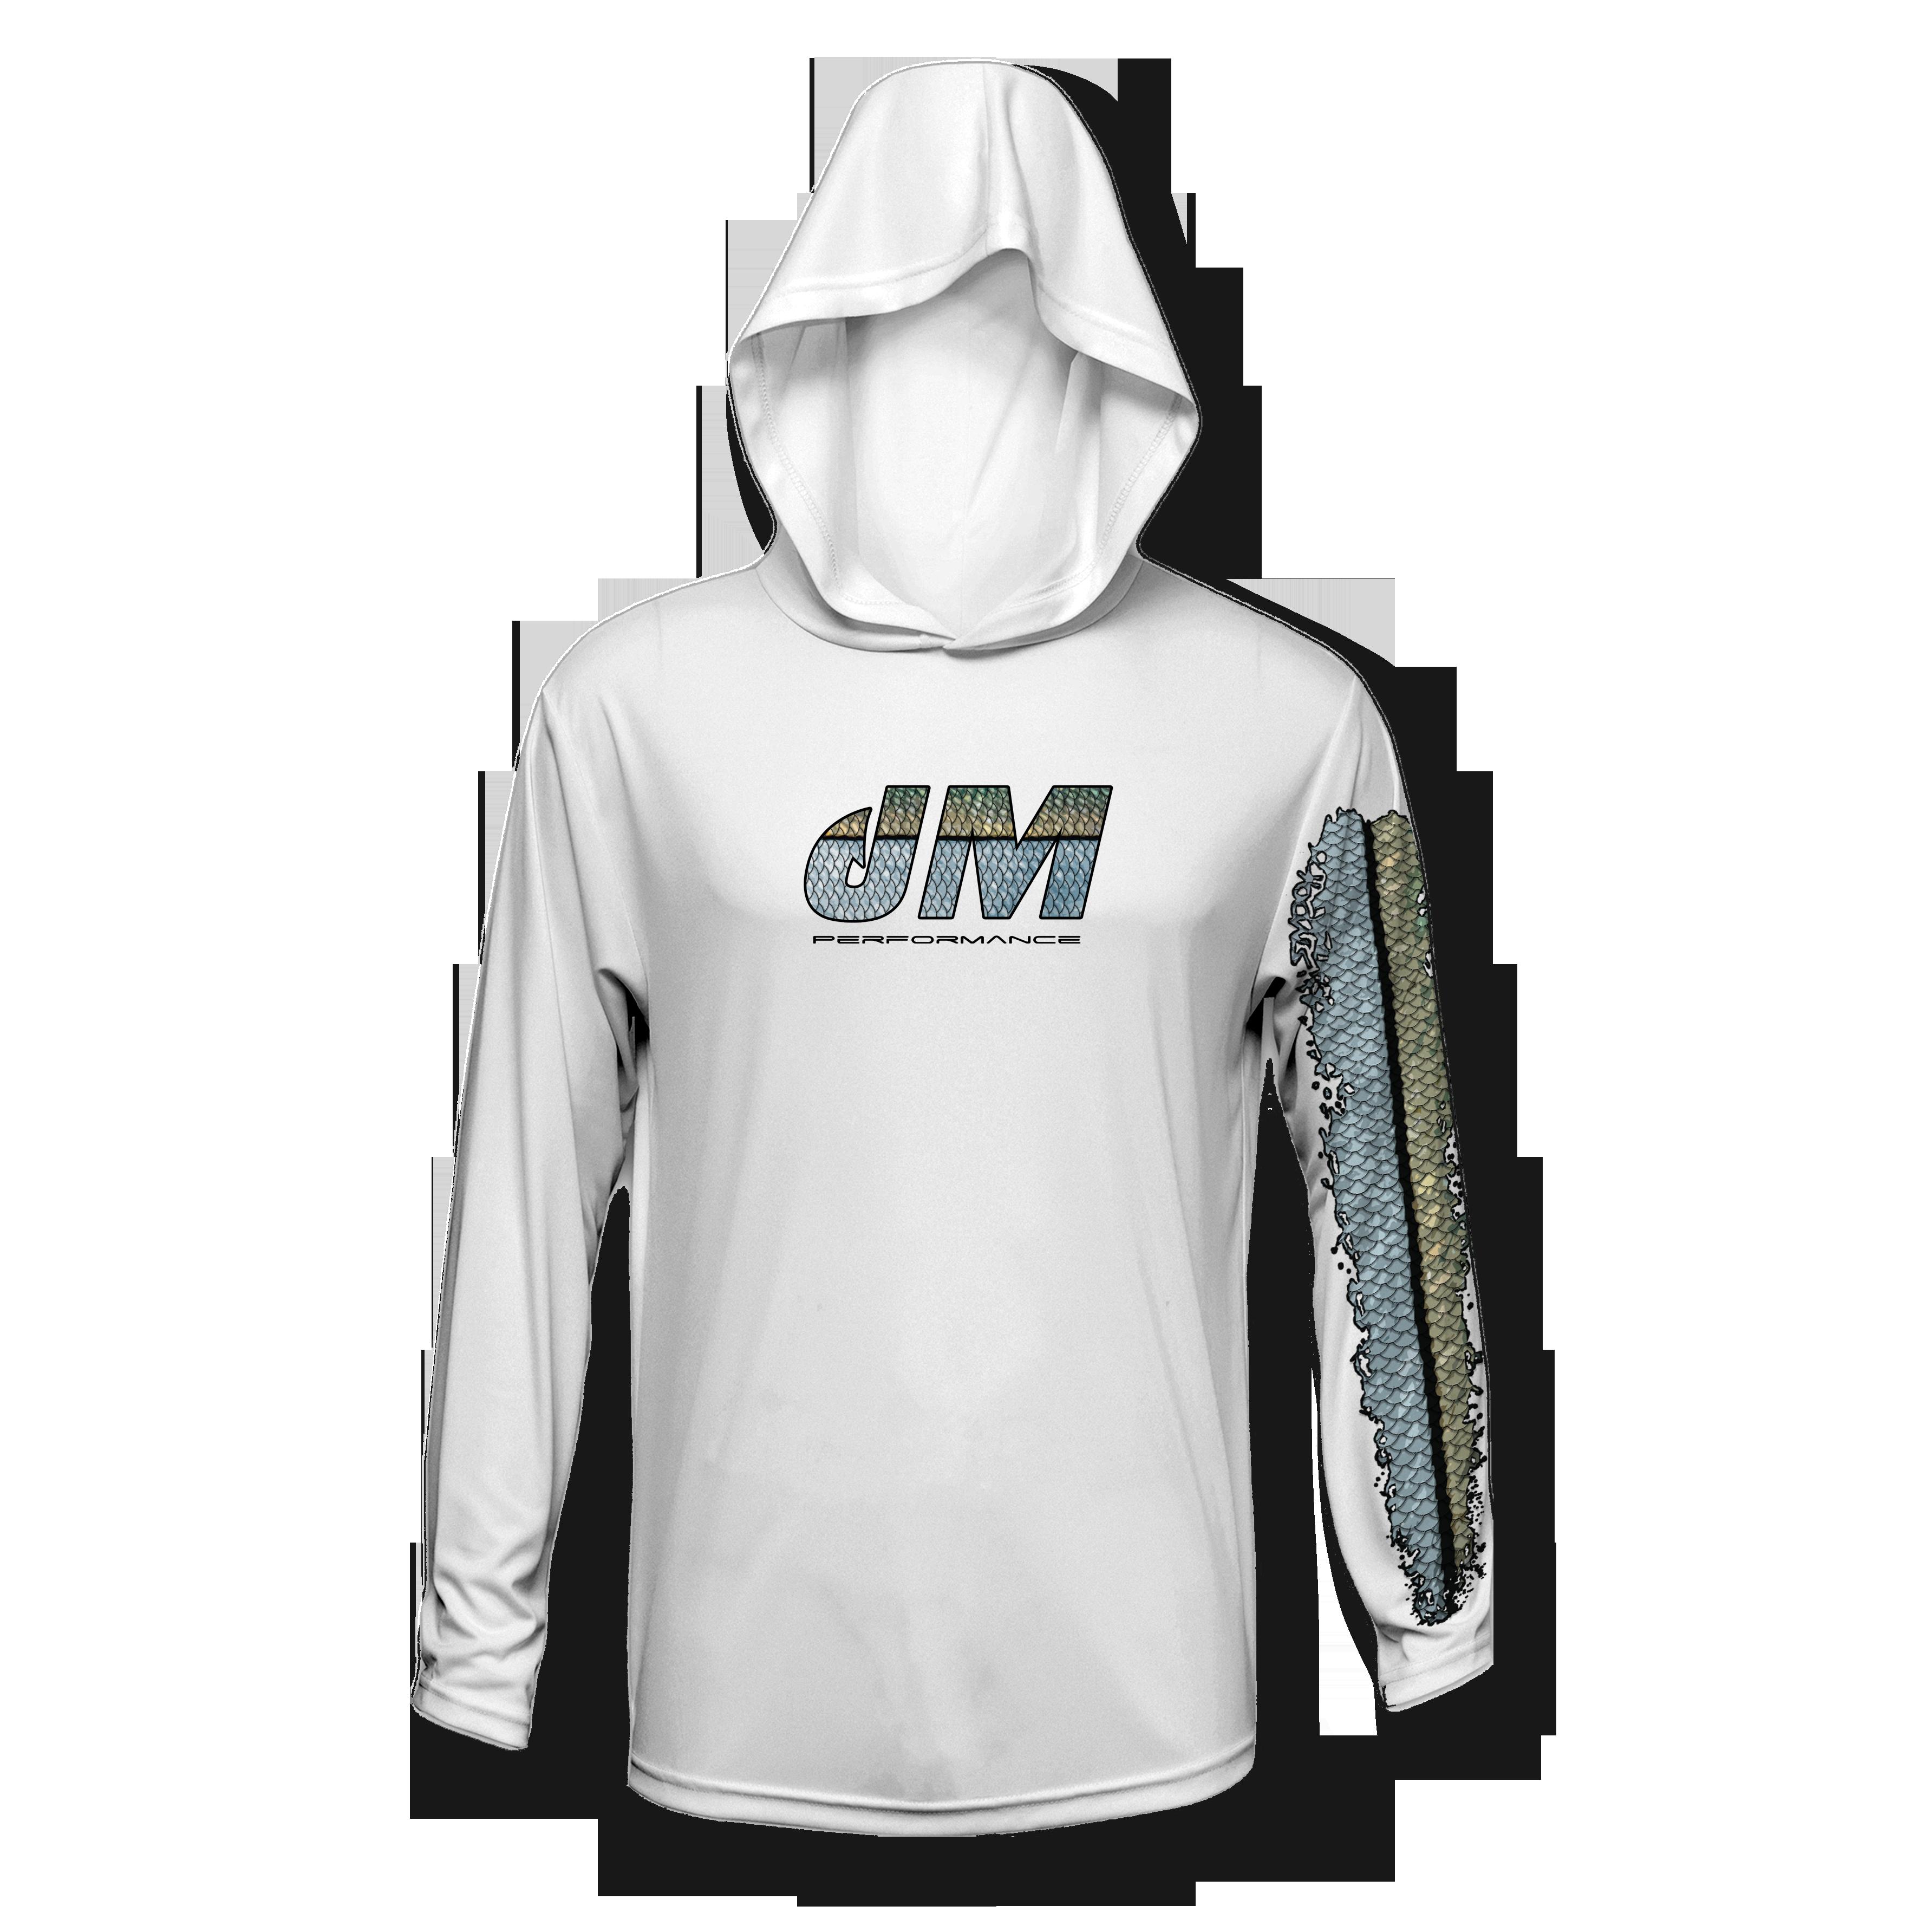 hjm031-mock-up-se-inshore-slam-white.png